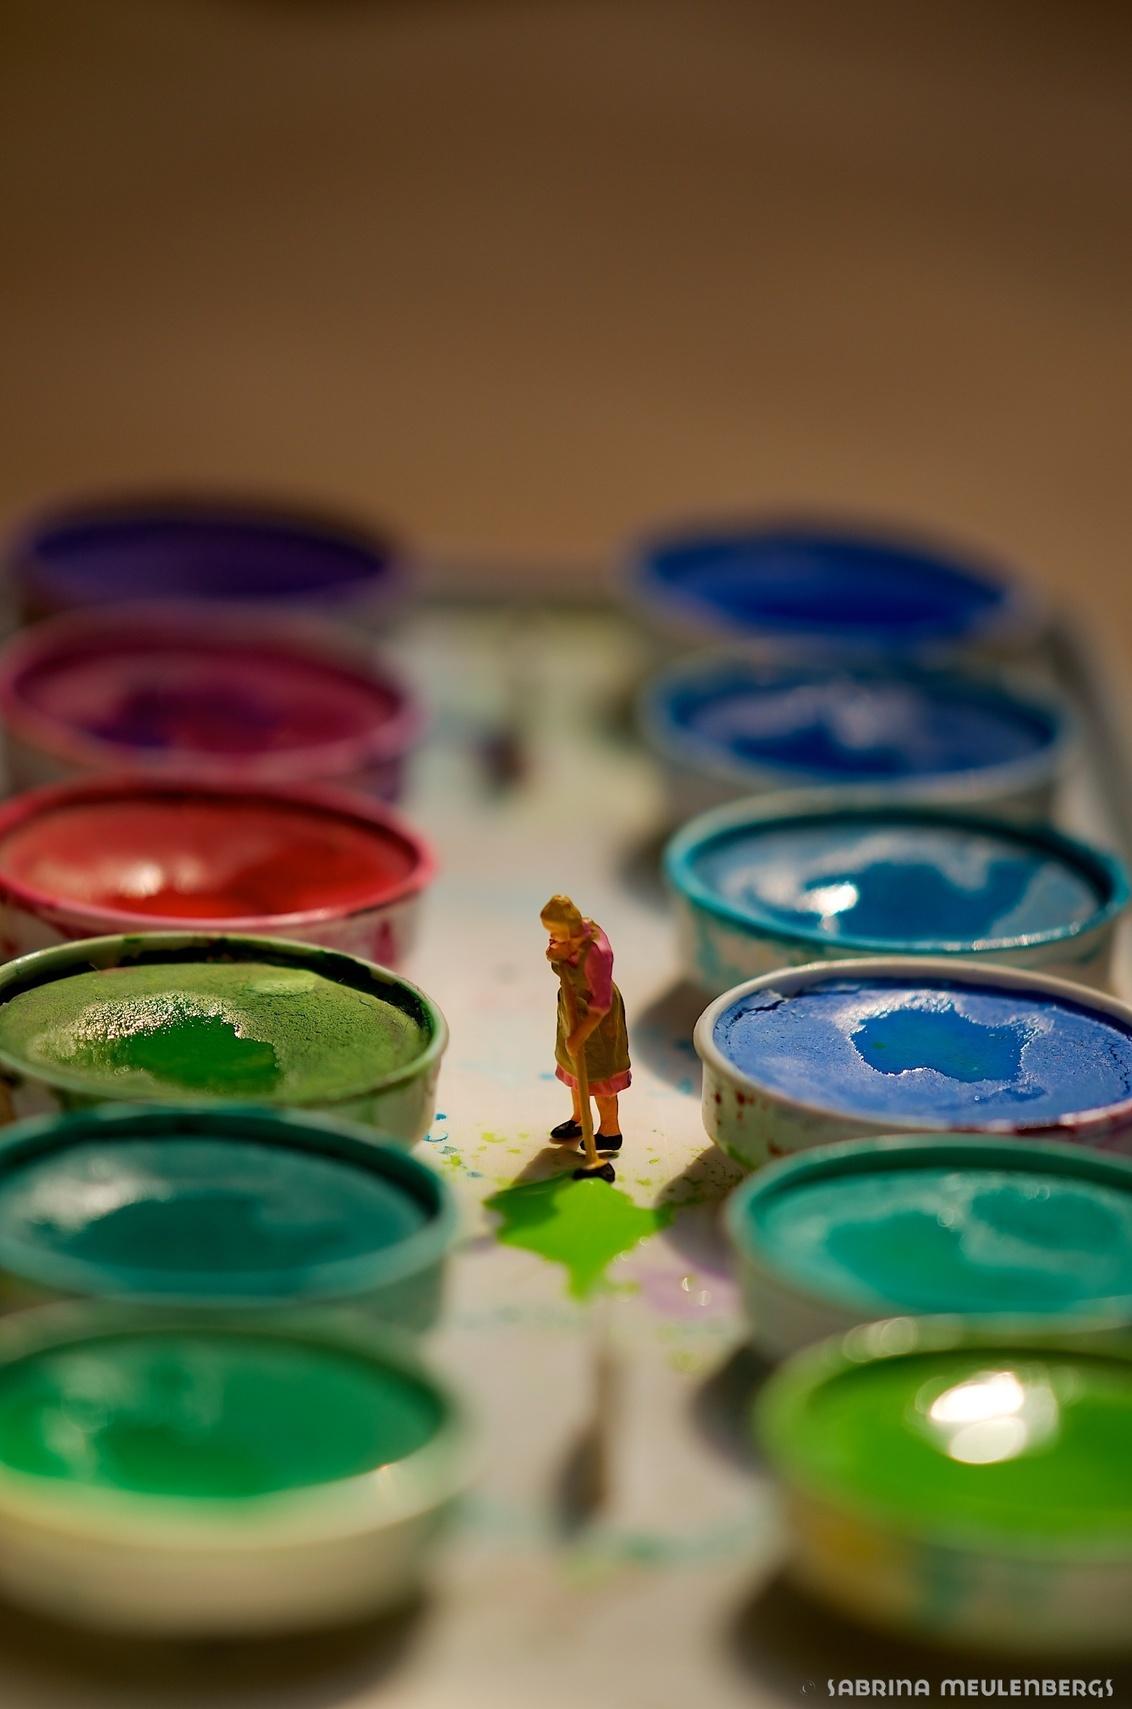 Painted - Het is overal hetzelfde of je nu woont in een grote of kleine wereld. Kinderen maken de rommel en mama moet het opkuisen. - foto door sabbe op 13-01-2016 - deze foto bevat: miniatuur, H0